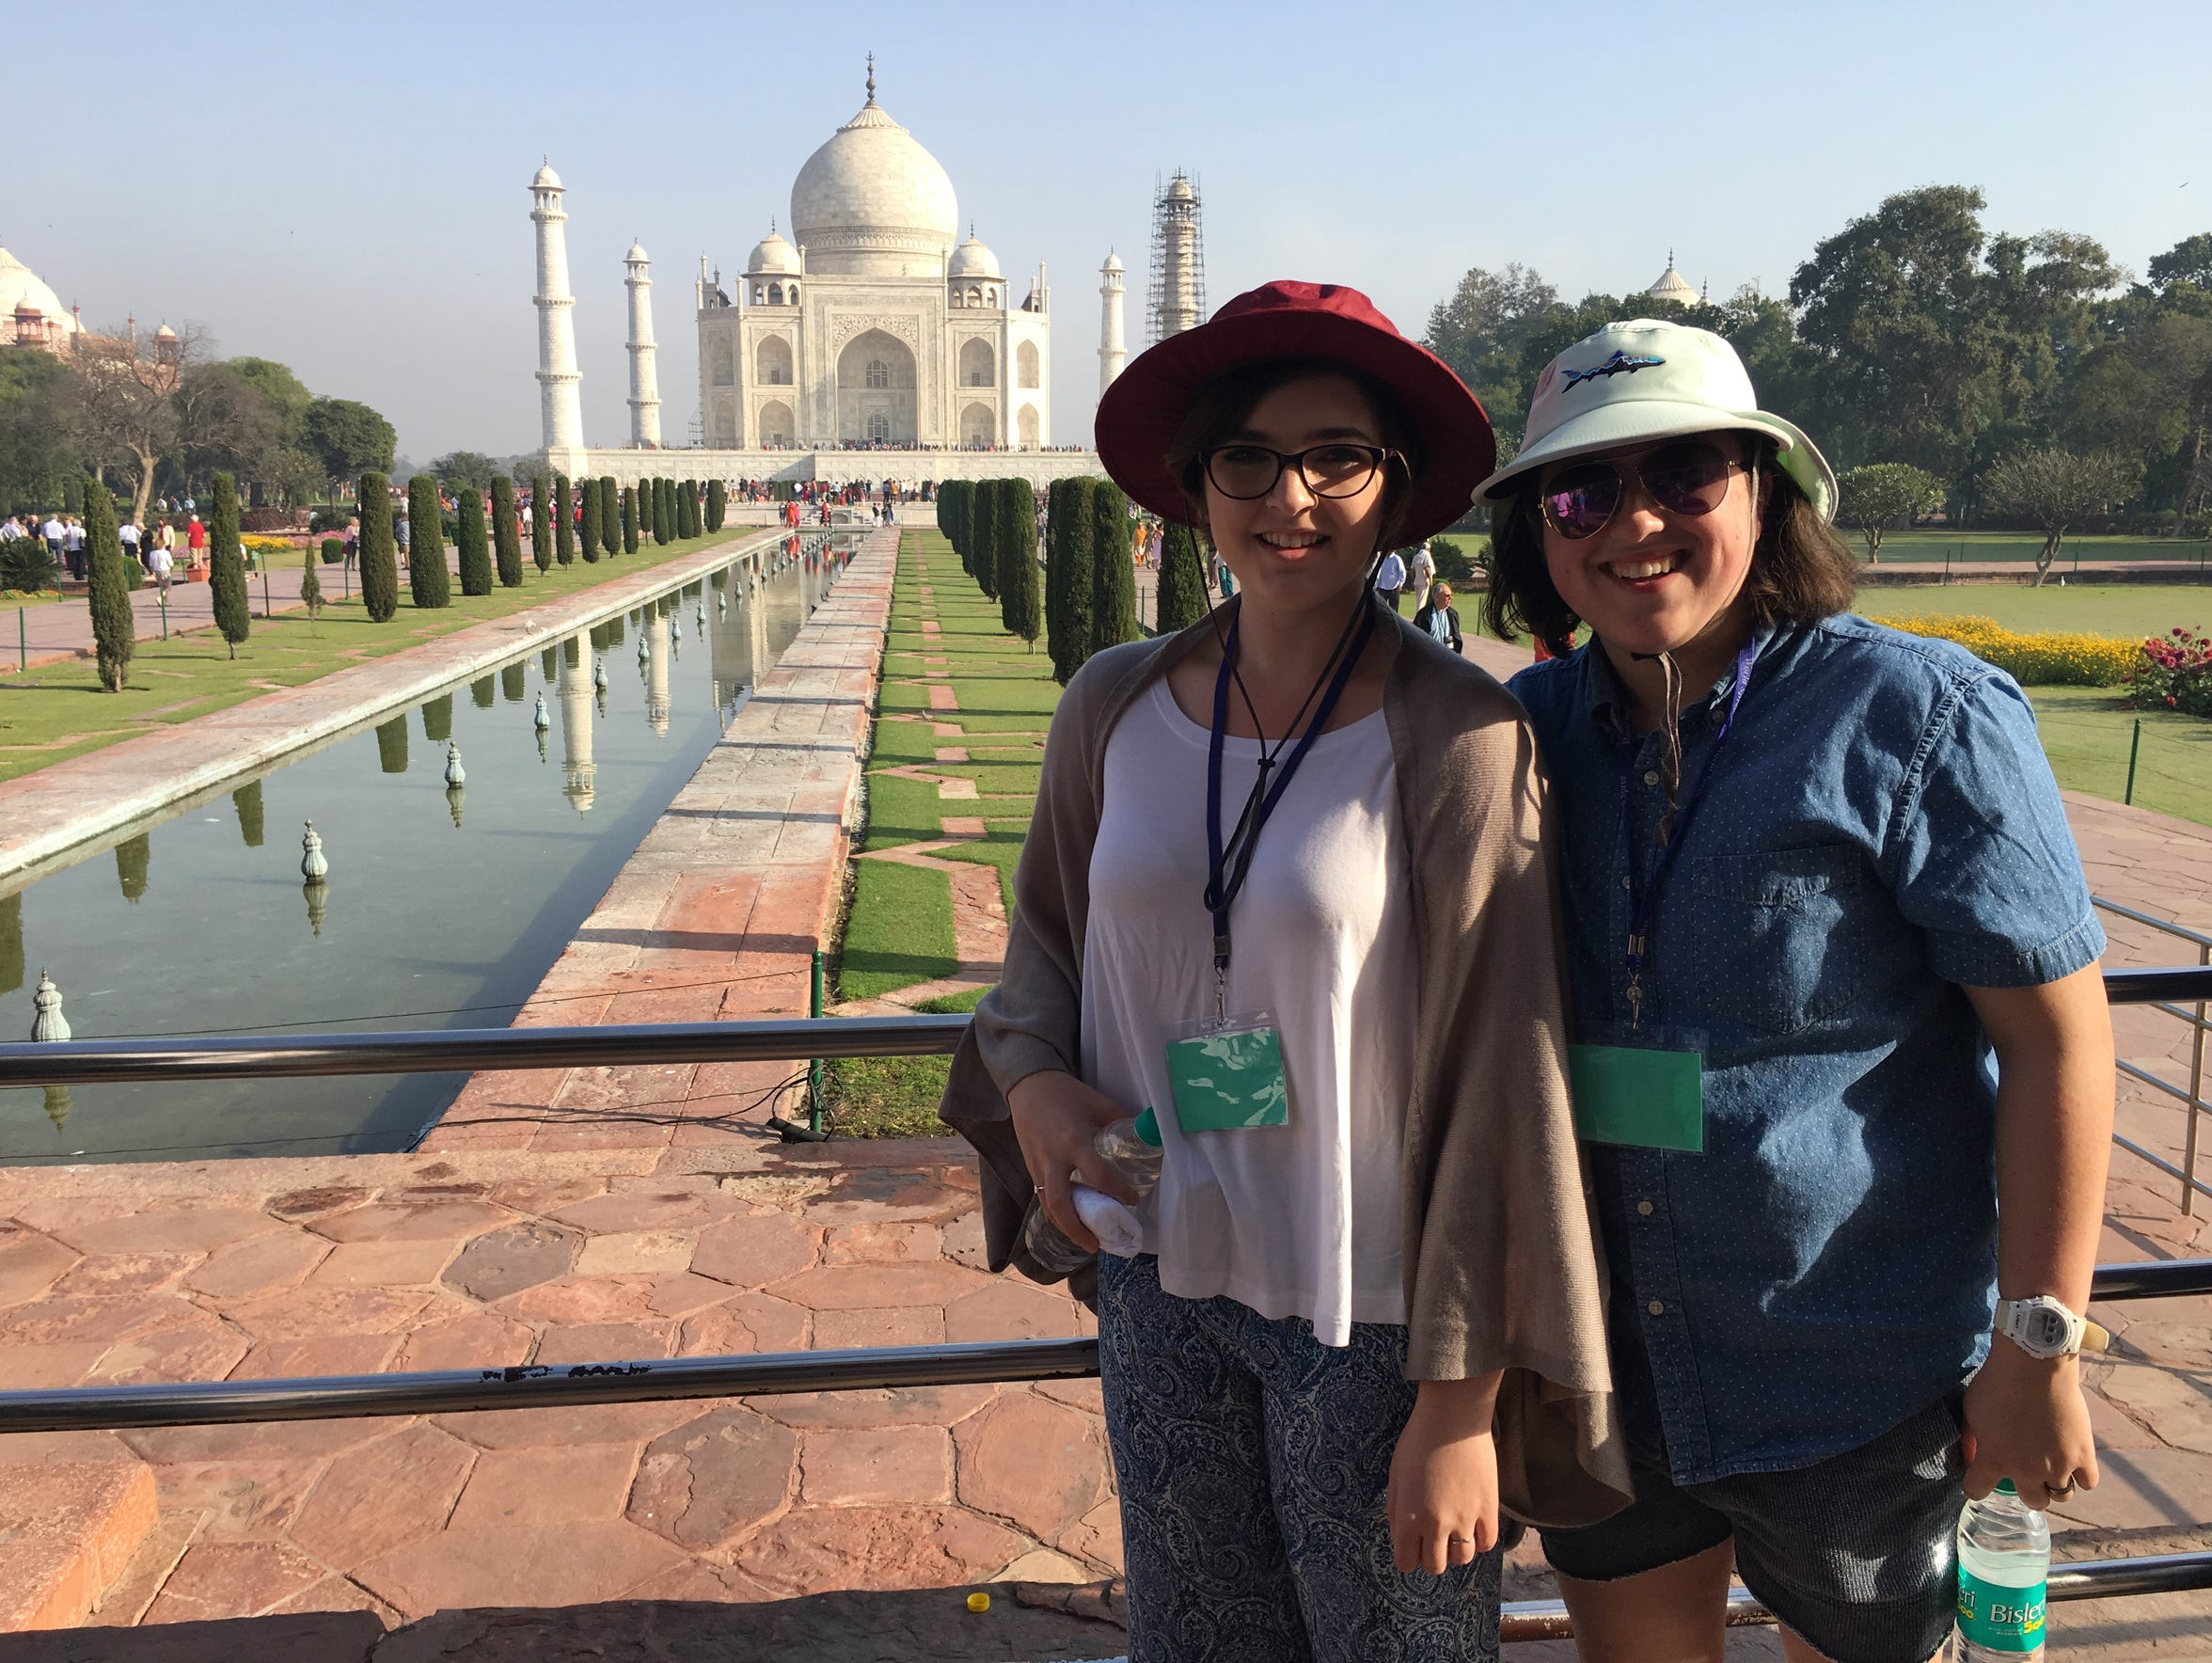 Nicole and me at the Taj Mahal.